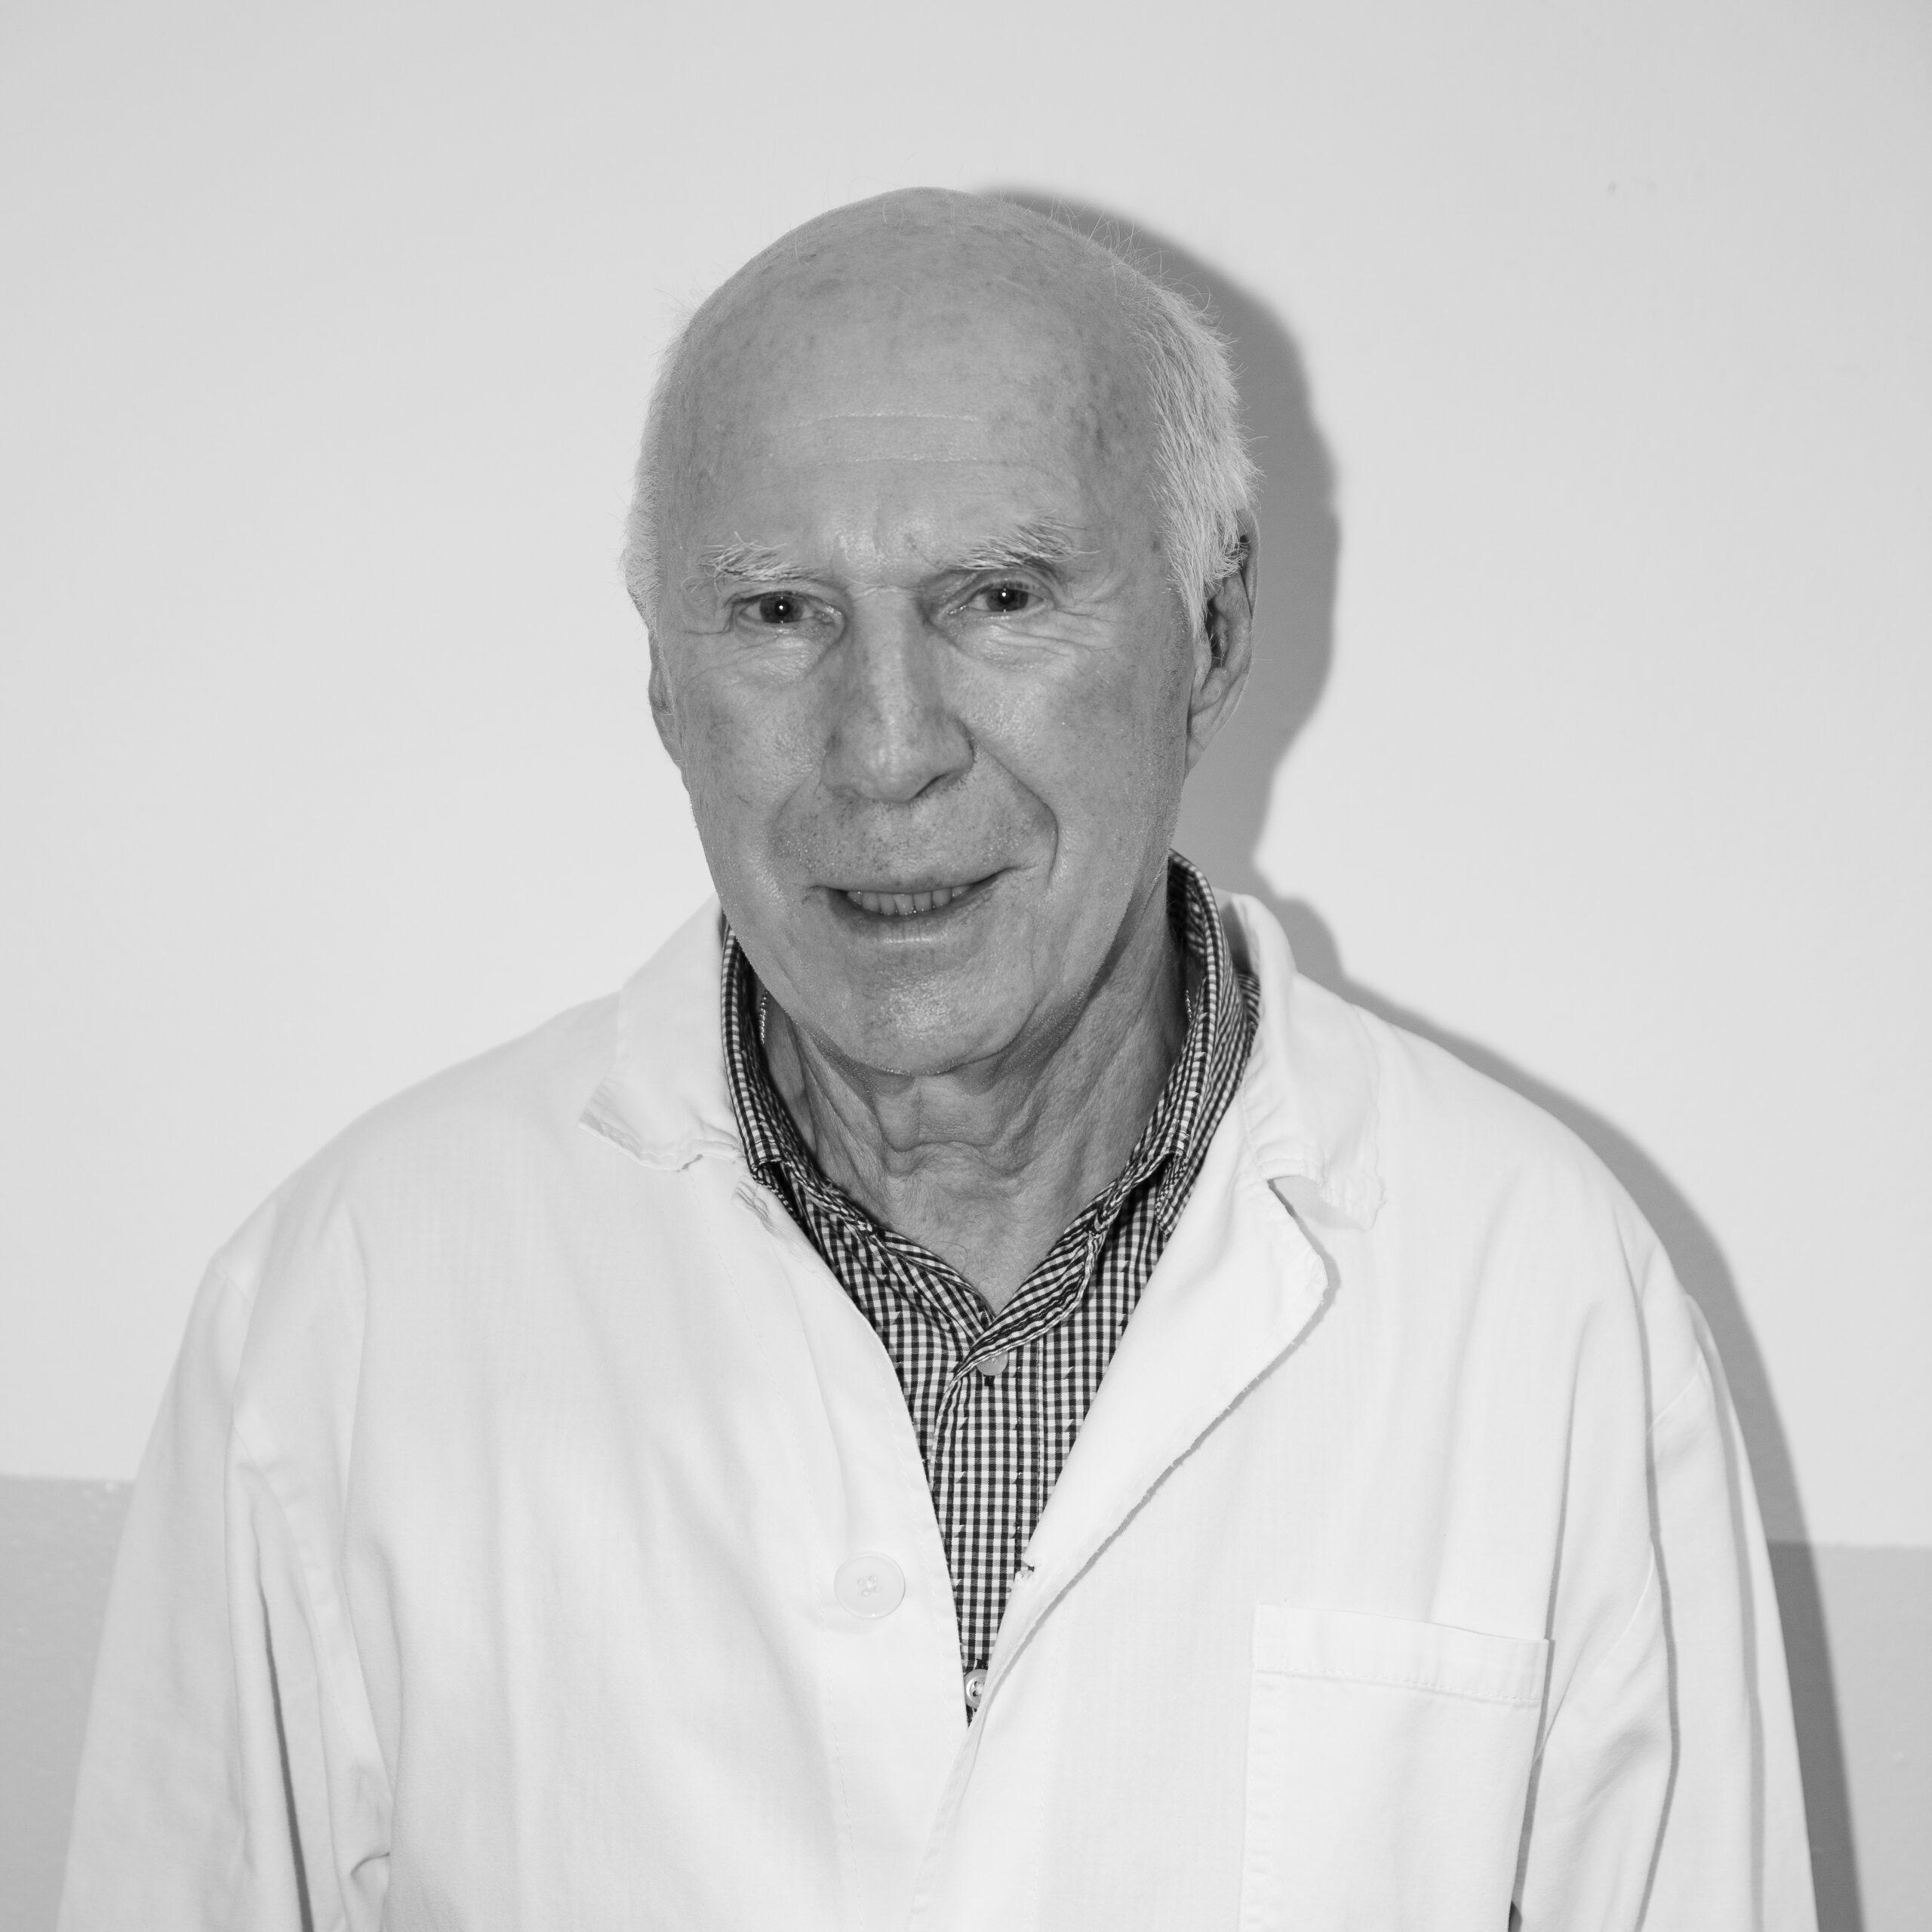 Dr. P.G. Origlia